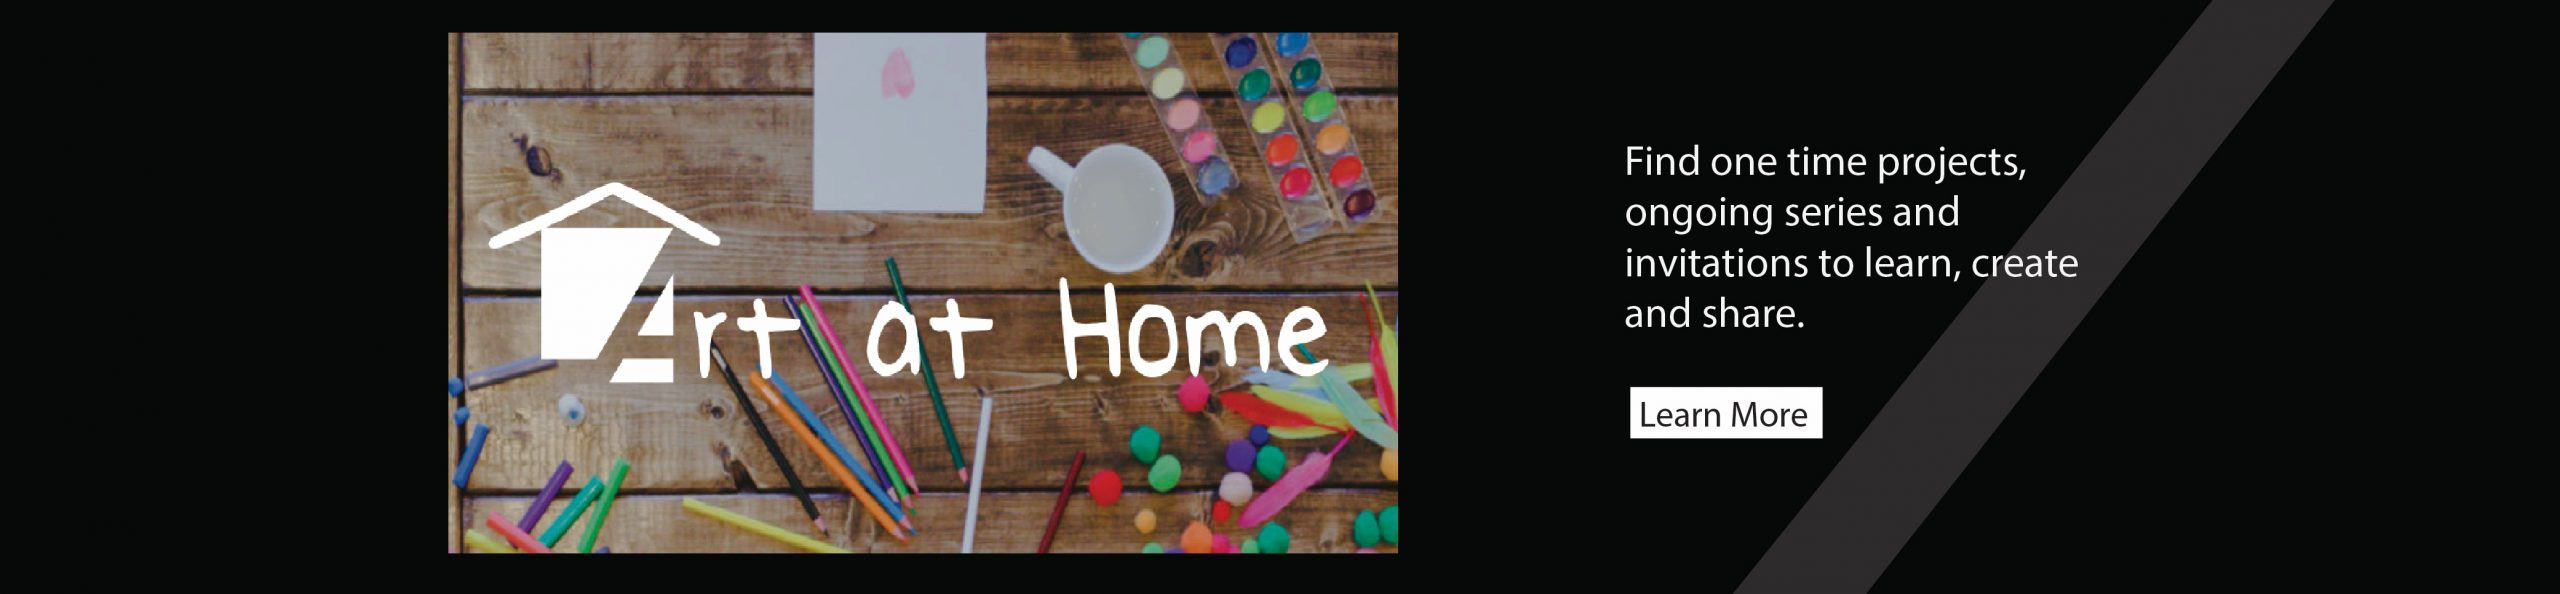 Art at Home